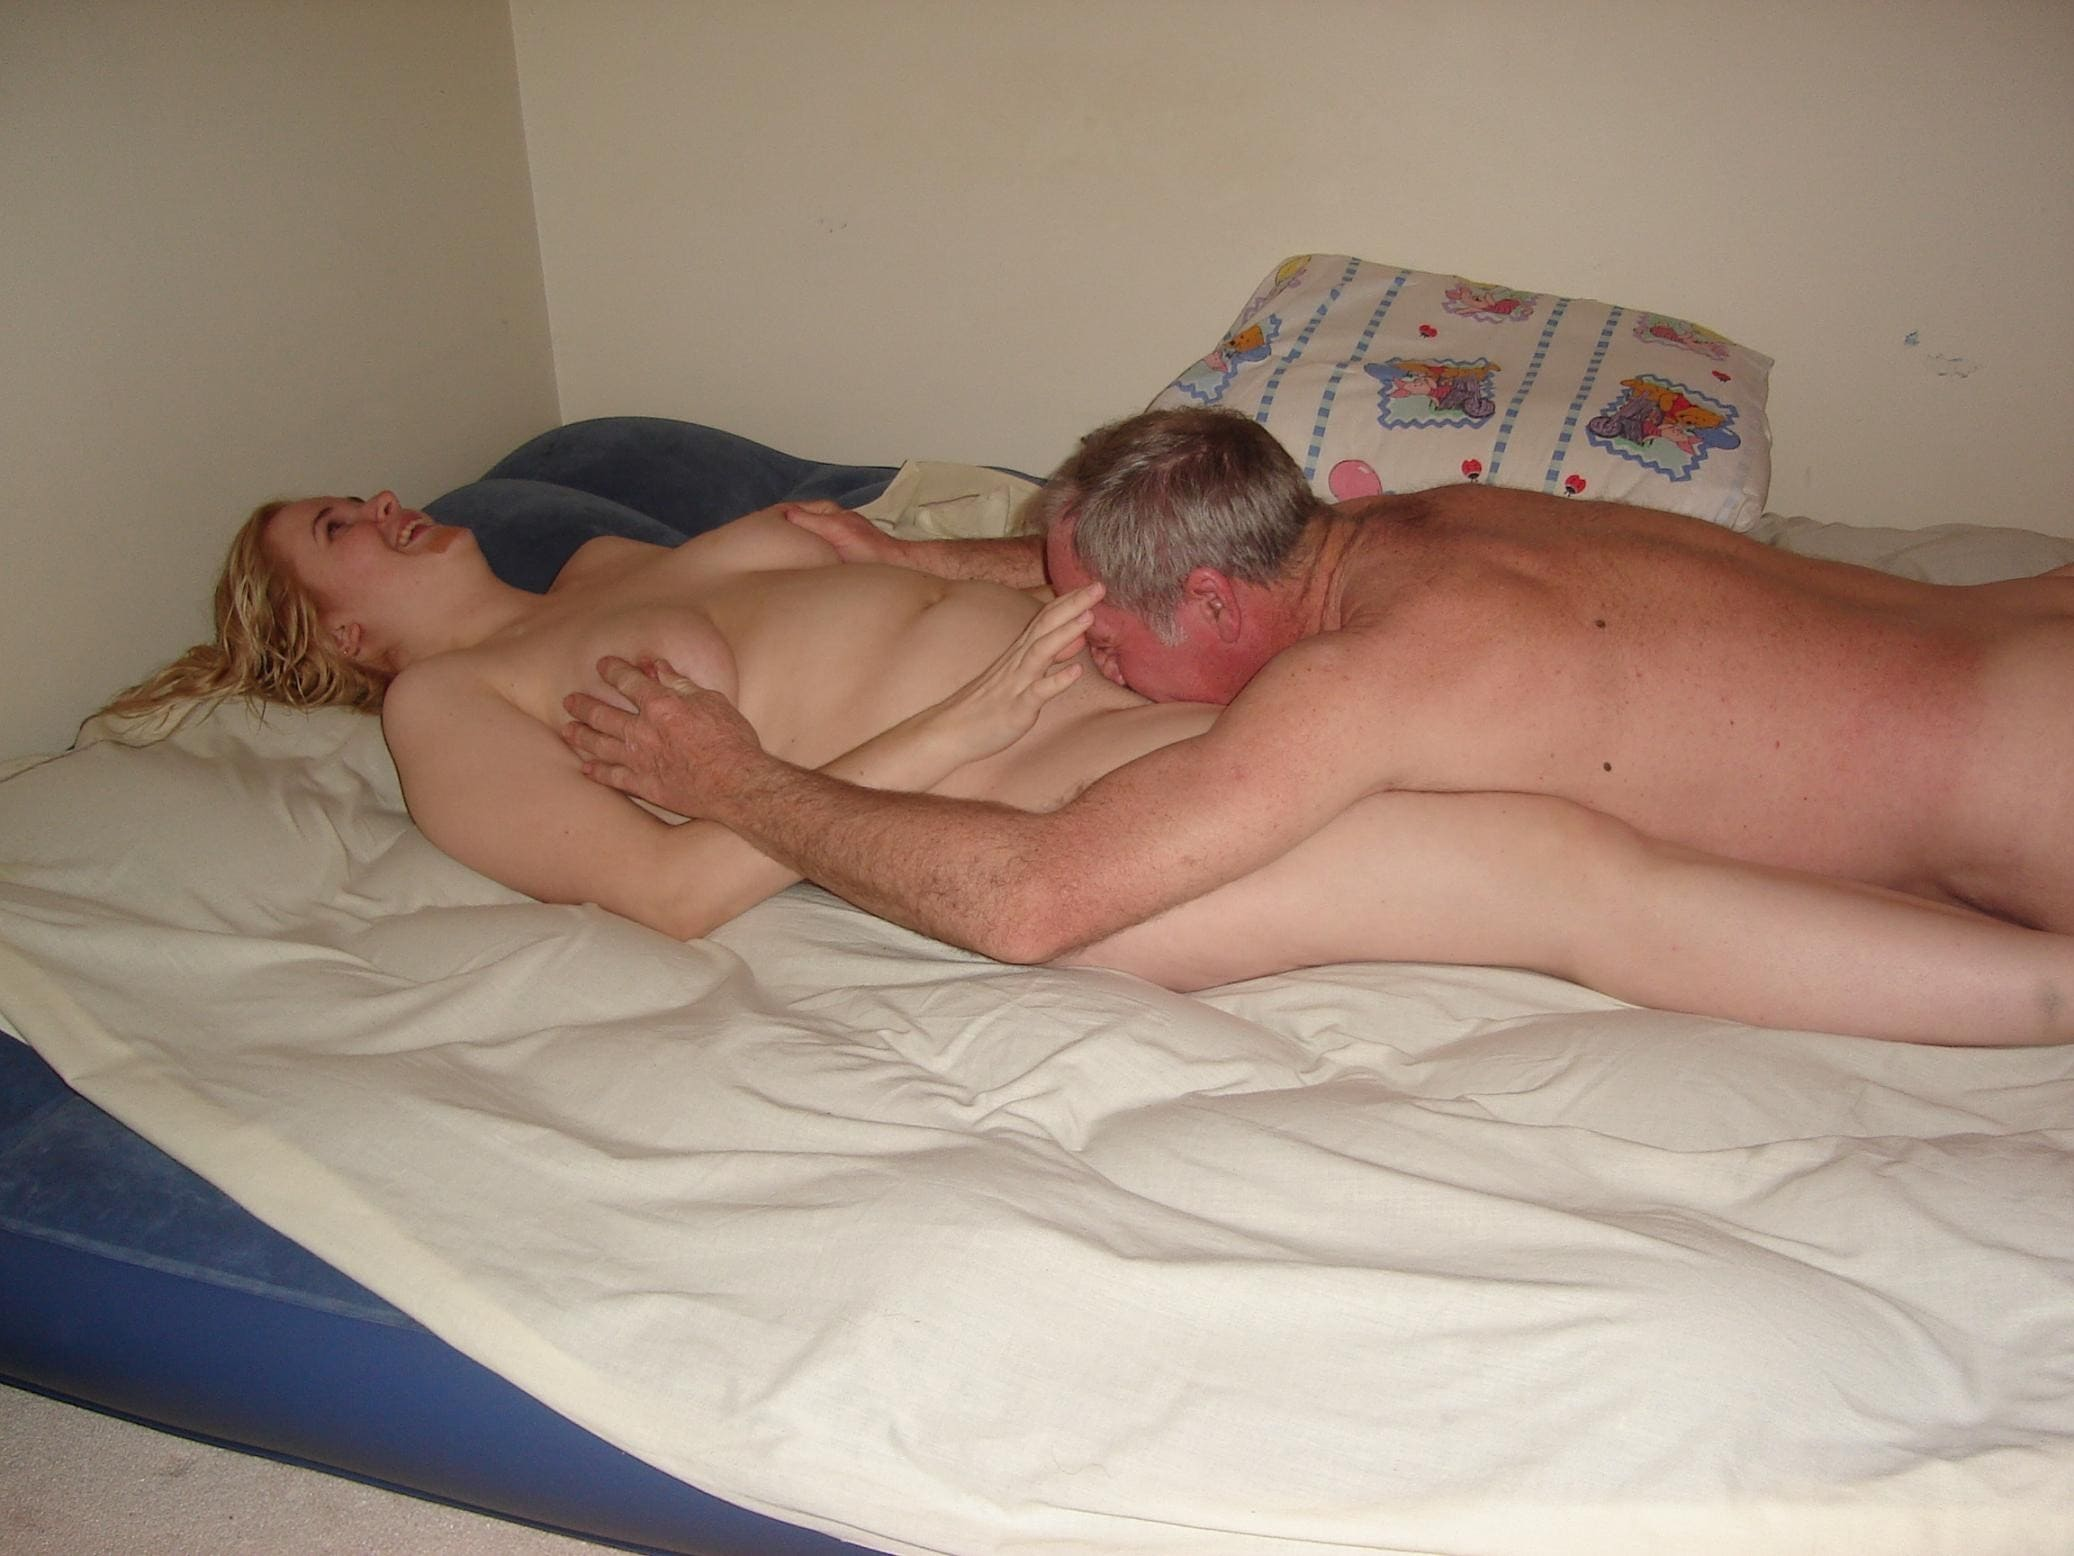 الصور الإباحية الخاصة لممارسة الجنس مع النساء. مئة وأربعون صورة مجانية!